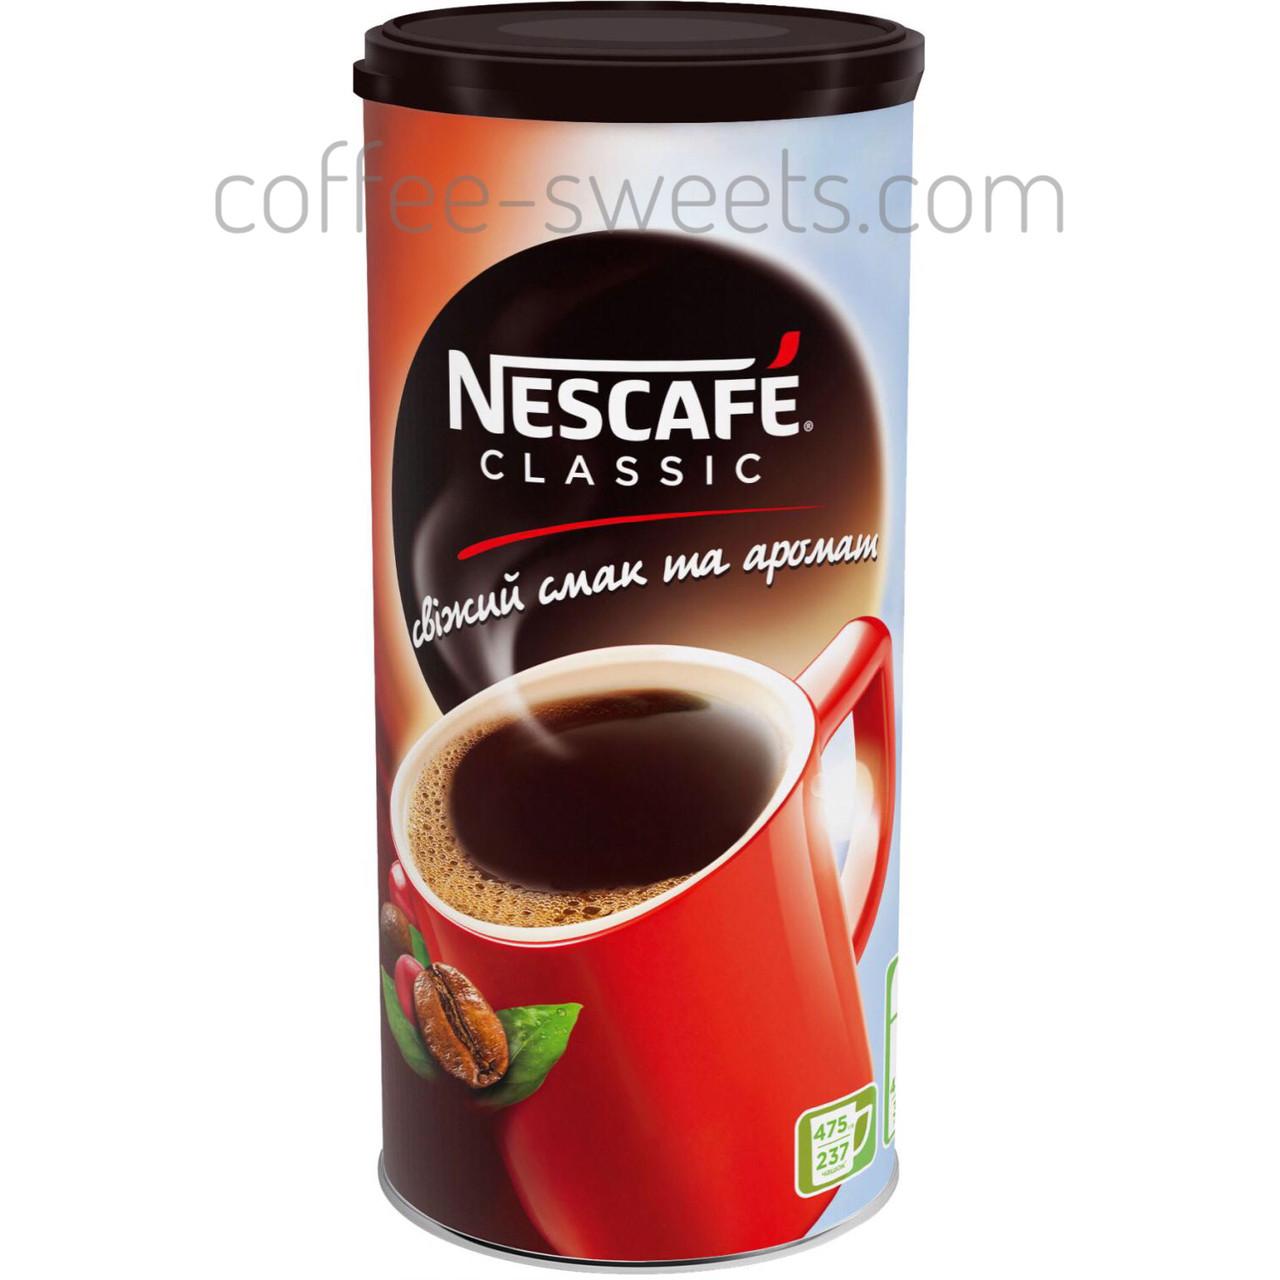 Кава розчинна Nescafe classic 475g